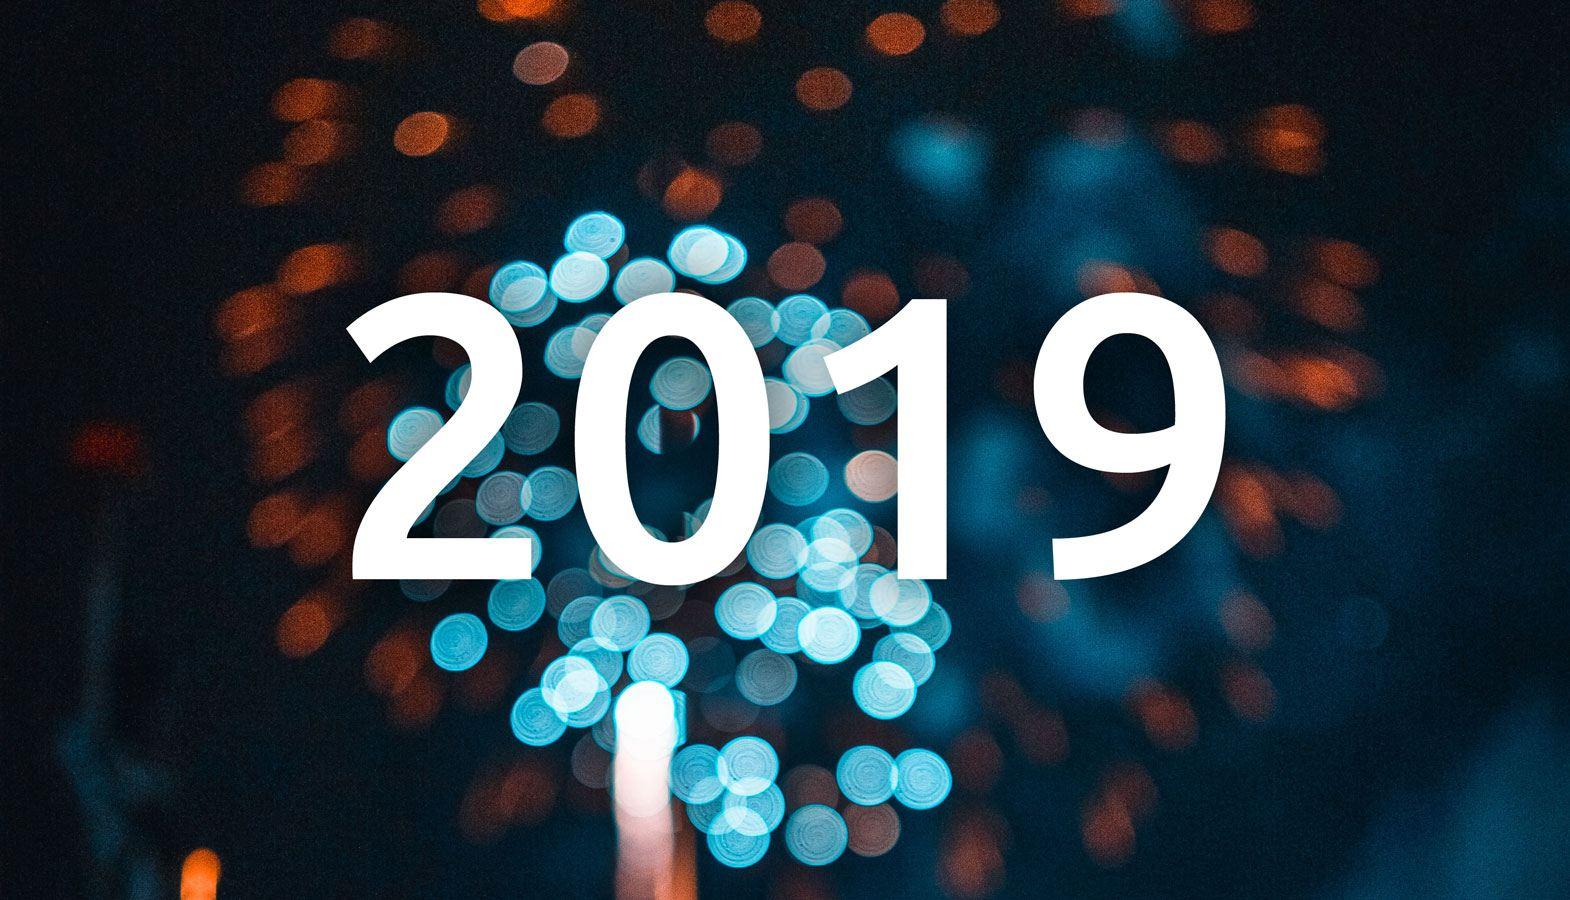 """Feuerwerk und Text """"2019"""" im Vordergrund"""